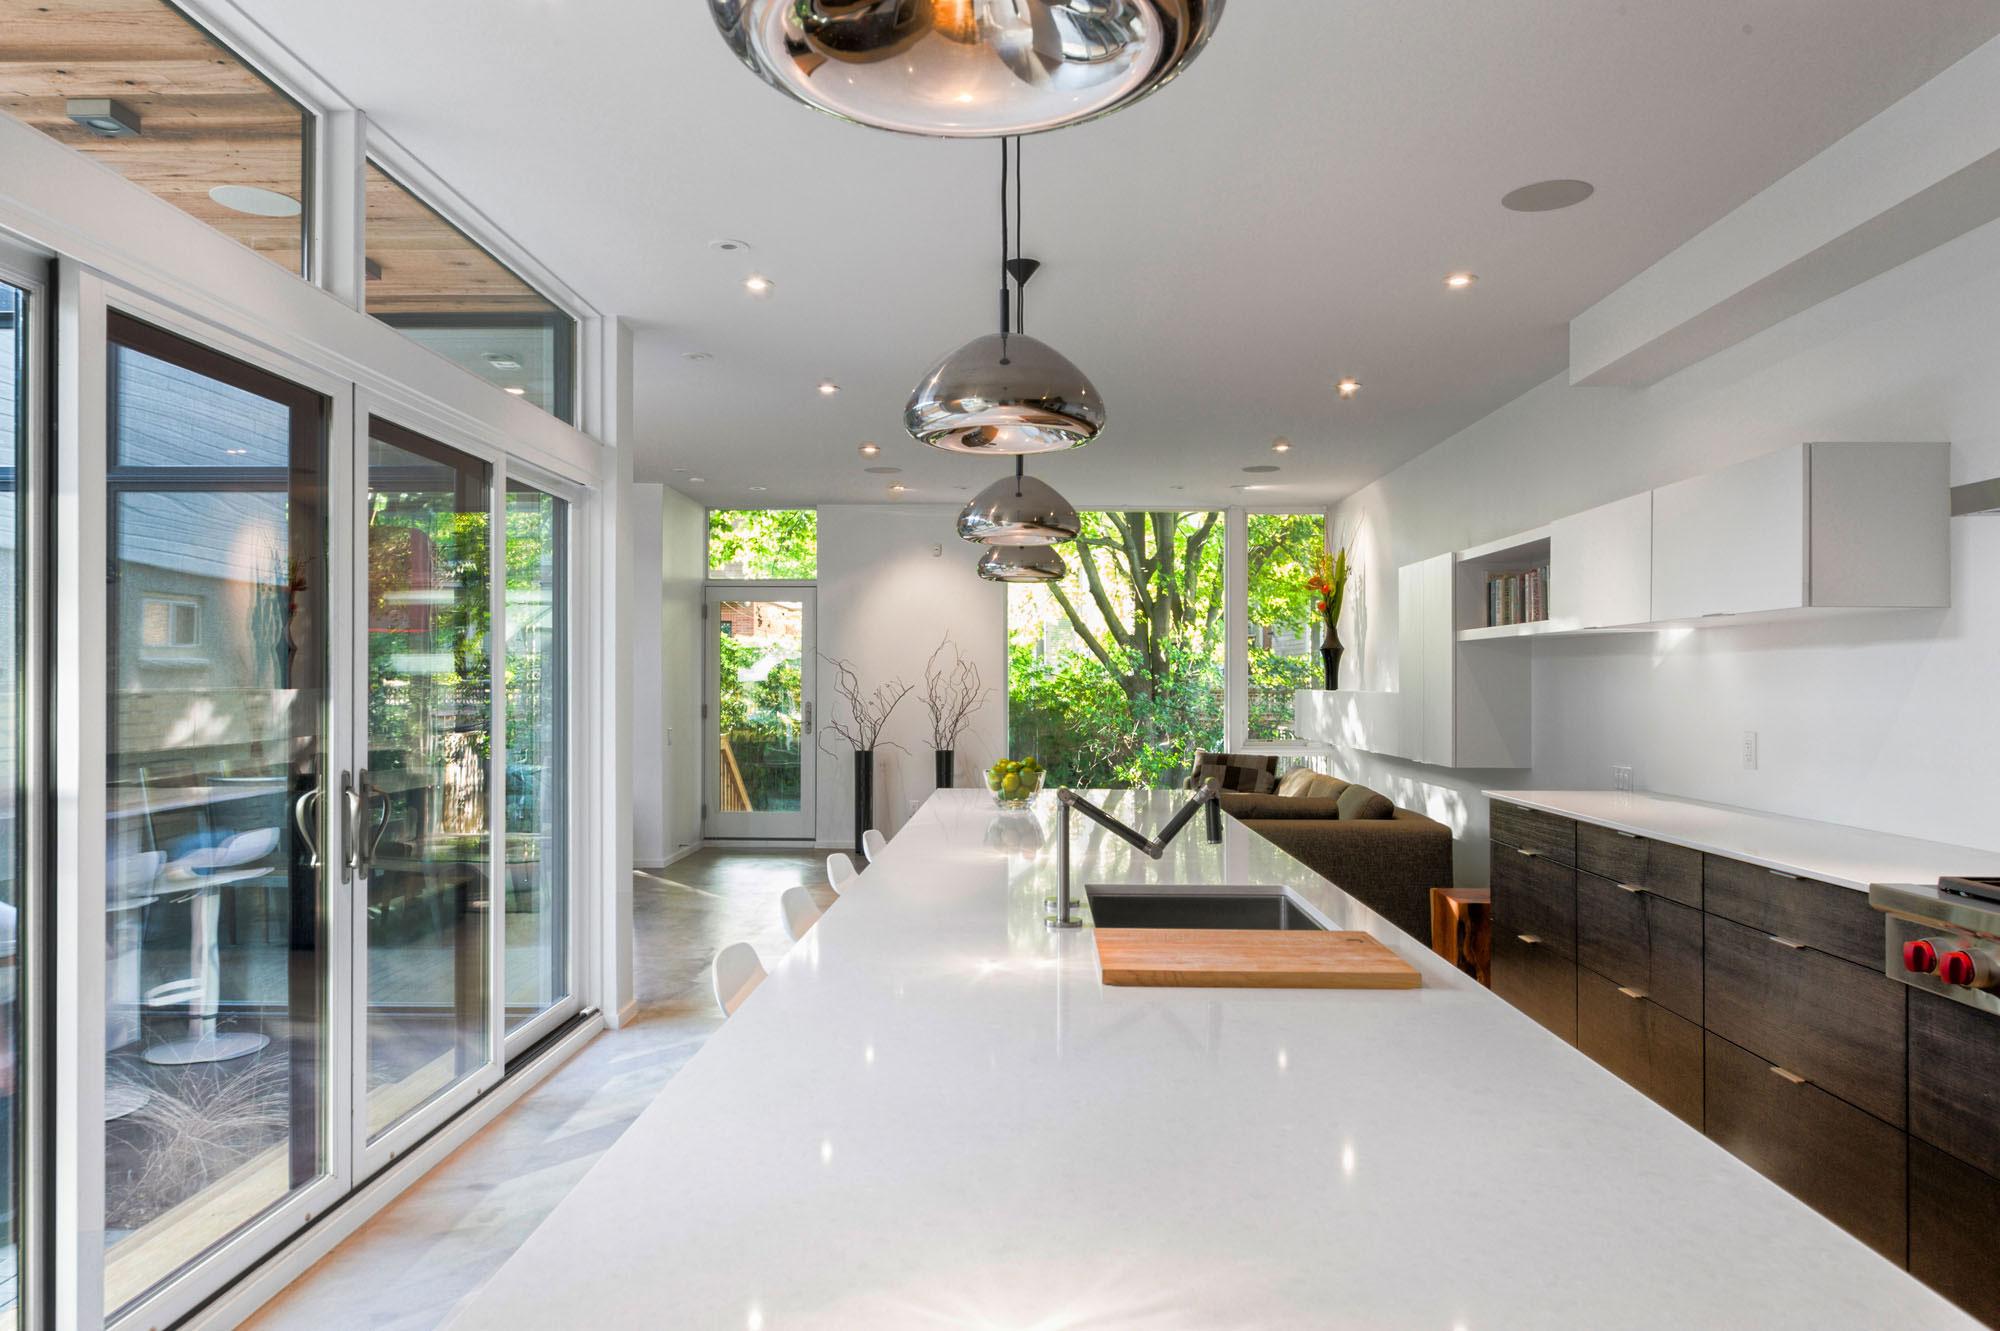 divine-maison-contemporaine-de-2-étages-au-canada-avec-extérieur-joli-design-d'intérieur-moderne-avec-table-de-cuisine-blanc-coutertop_house-façades-deux-étage-contemporain_home-decor_home-decore-decorators- r